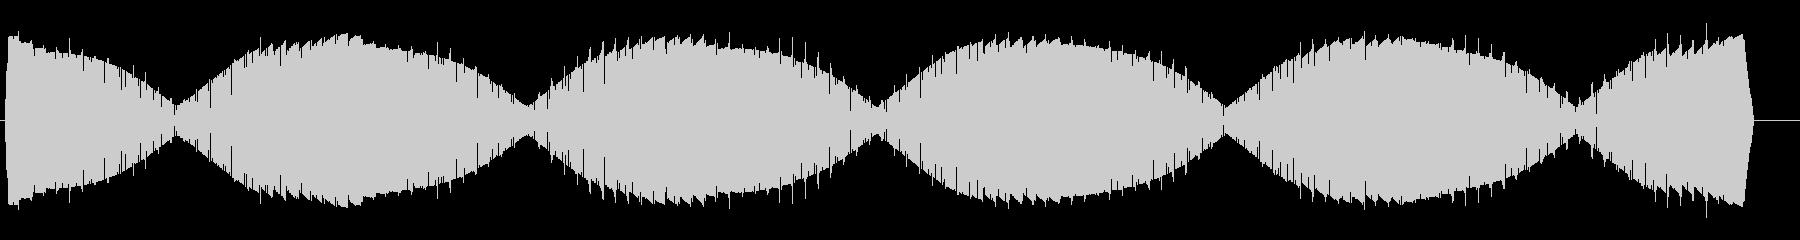 ワープエンジン(揺らぐ高音の鐘の様な音)の未再生の波形